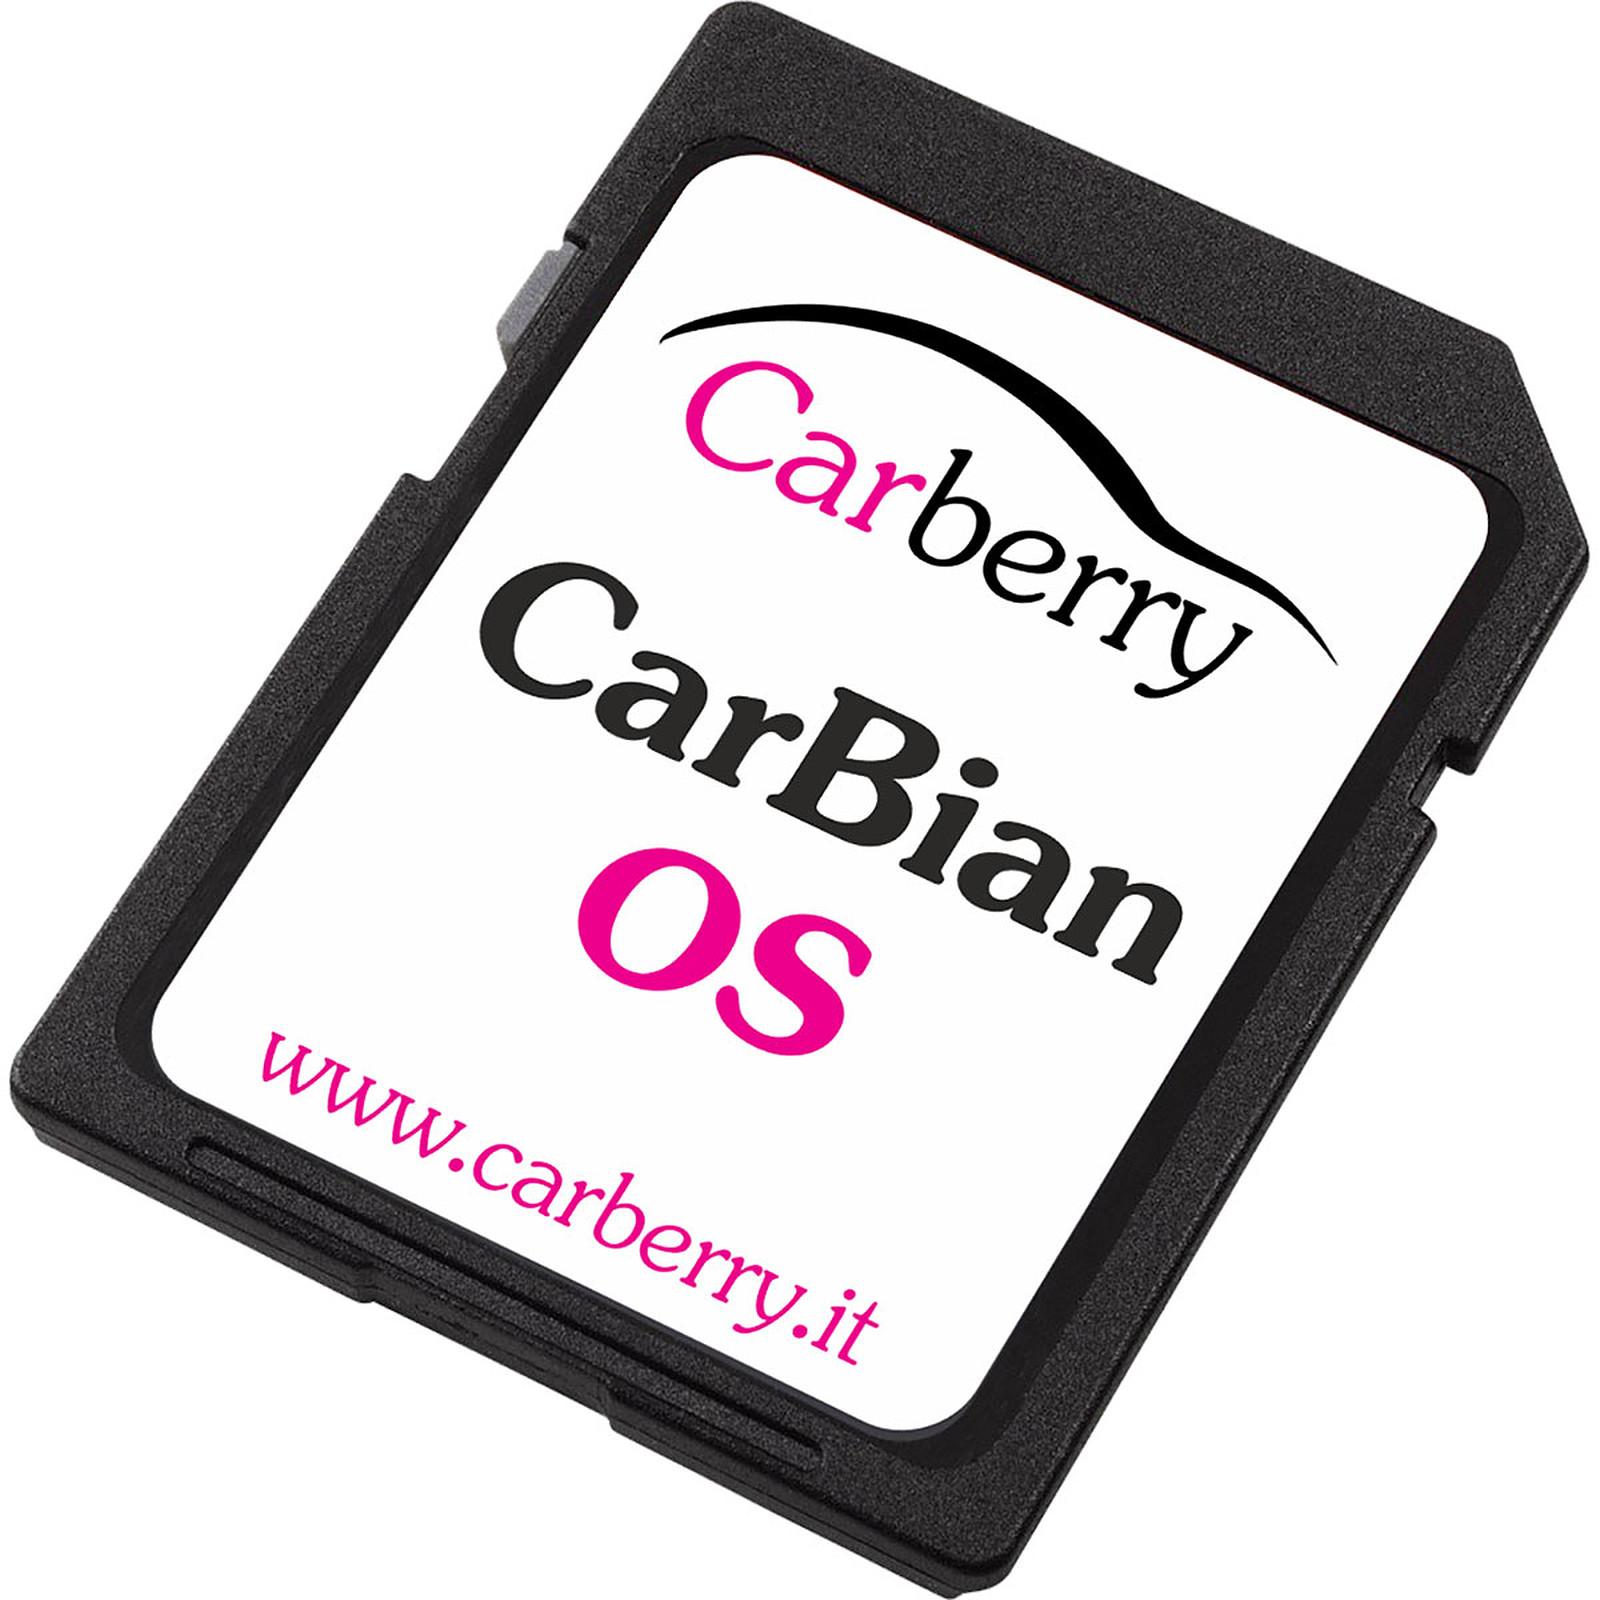 Carberry carte microSDHC 16 Go avec CarBian OS